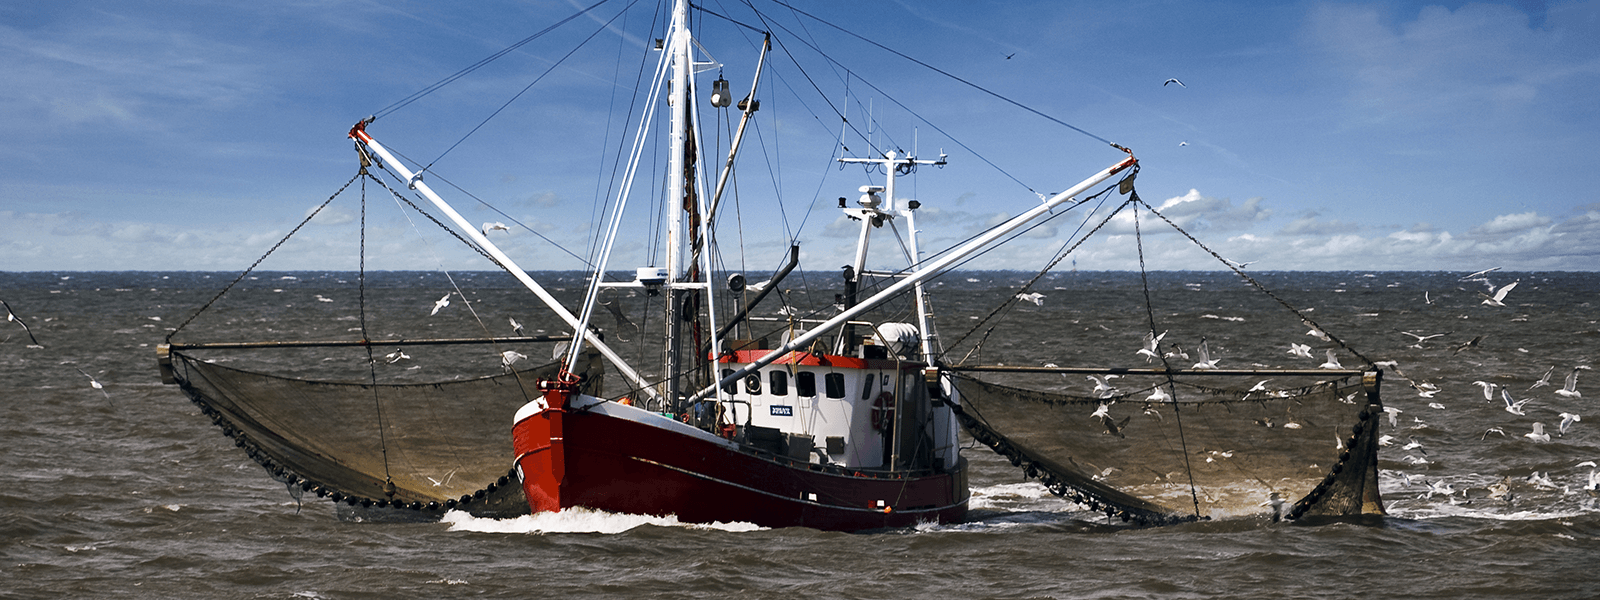 Fischerkutter fängt auf der Nordsee Fische